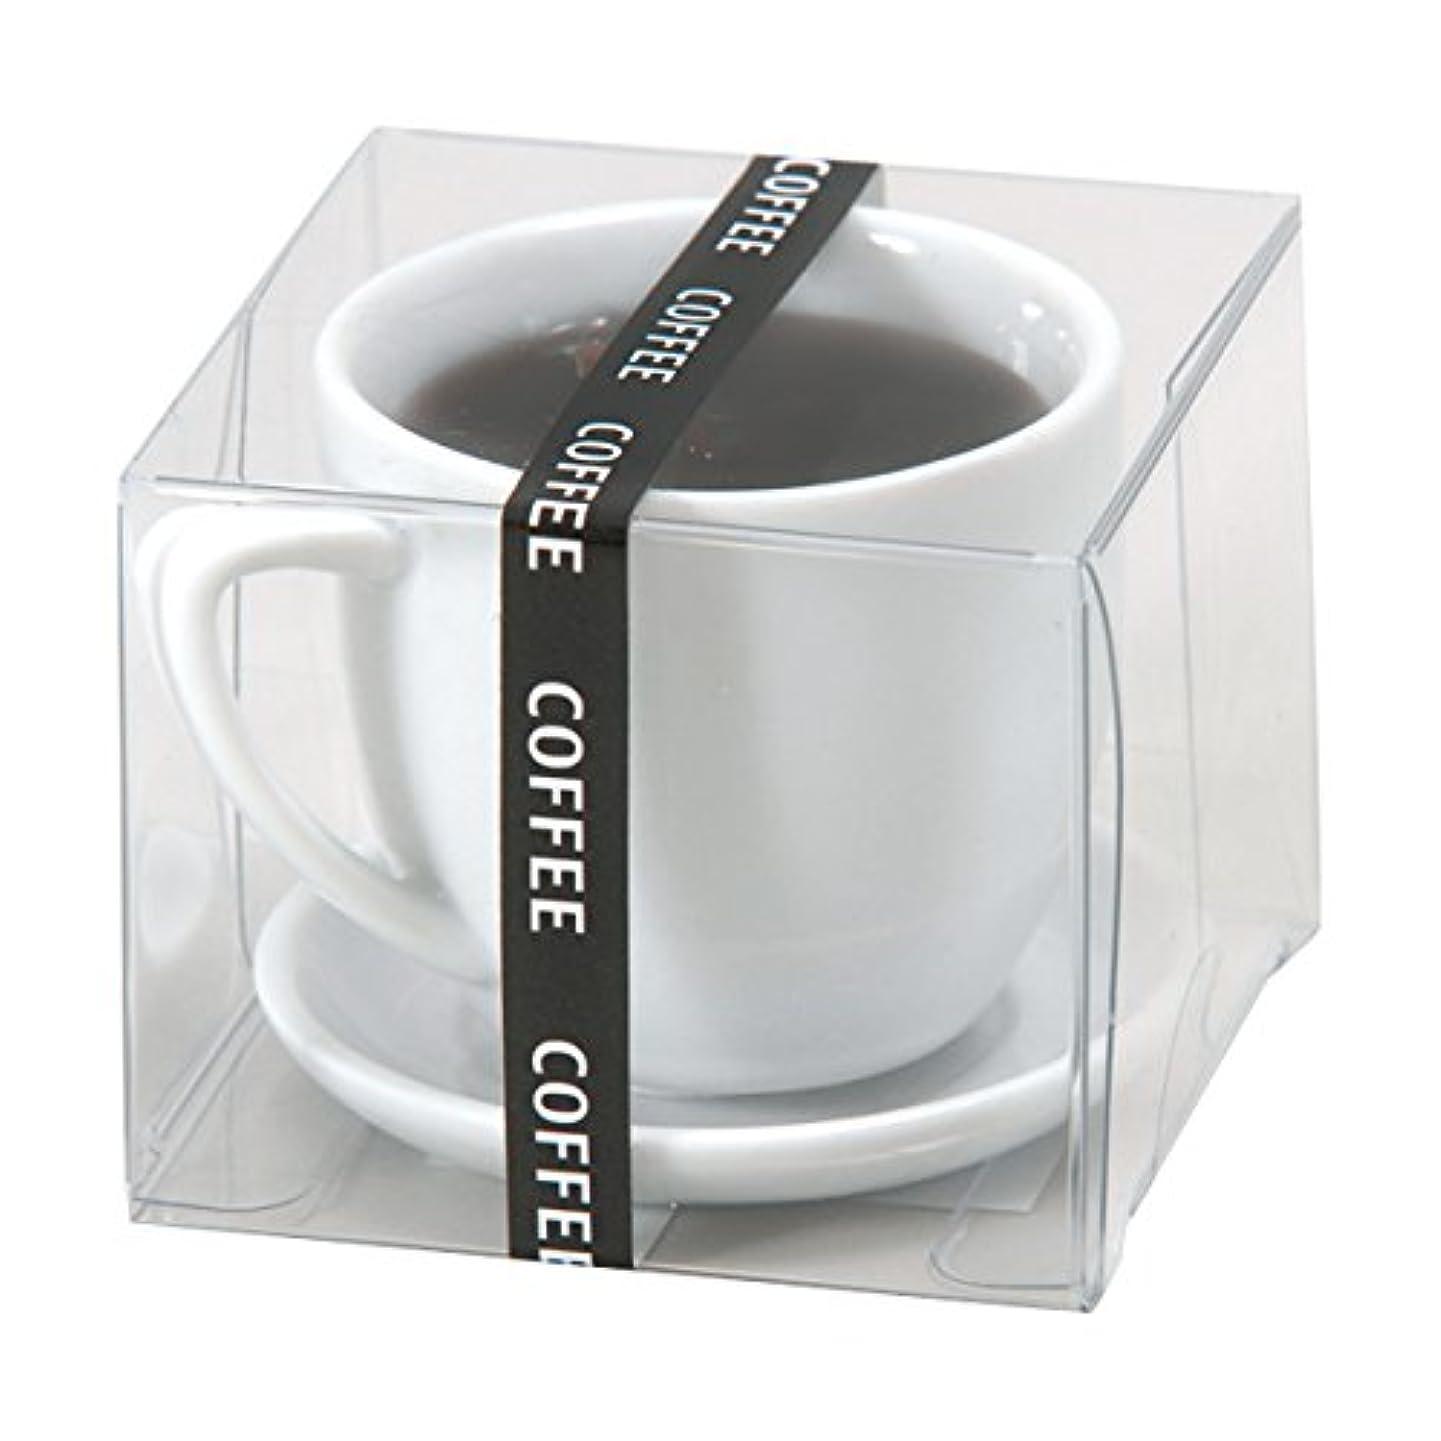 交換可能プロット満たすホットコーヒー ローソク